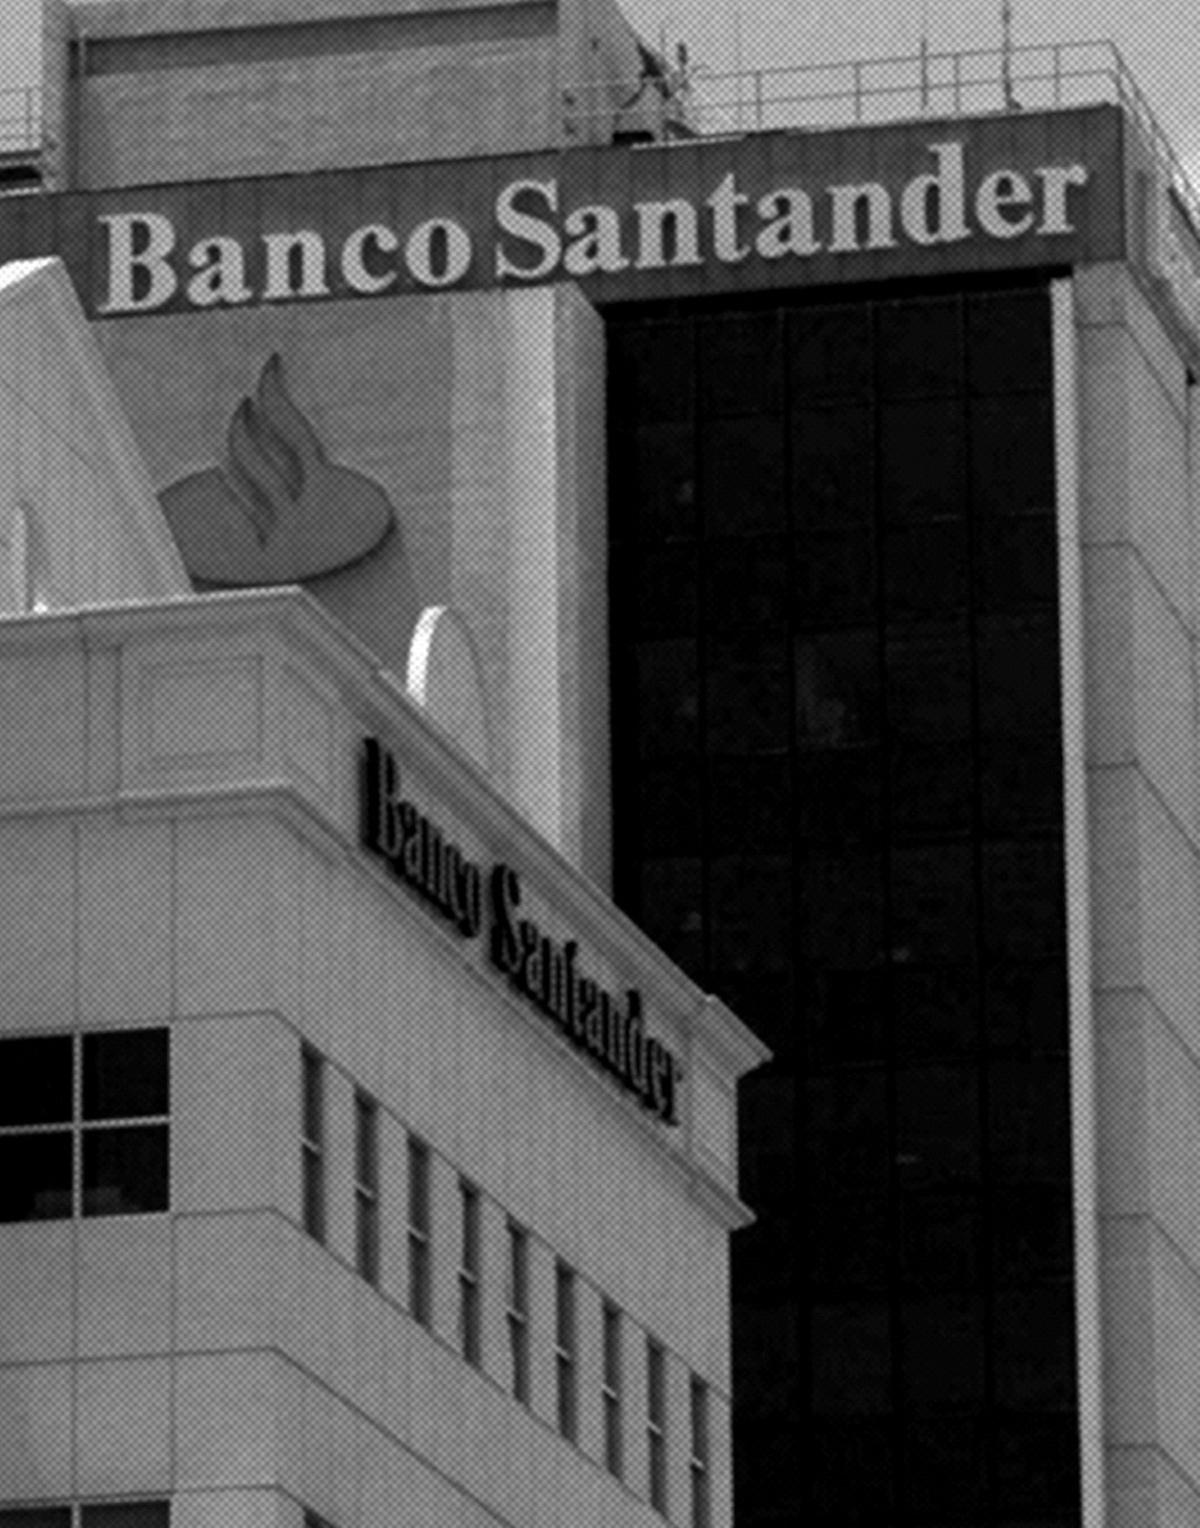 bancosantander_2